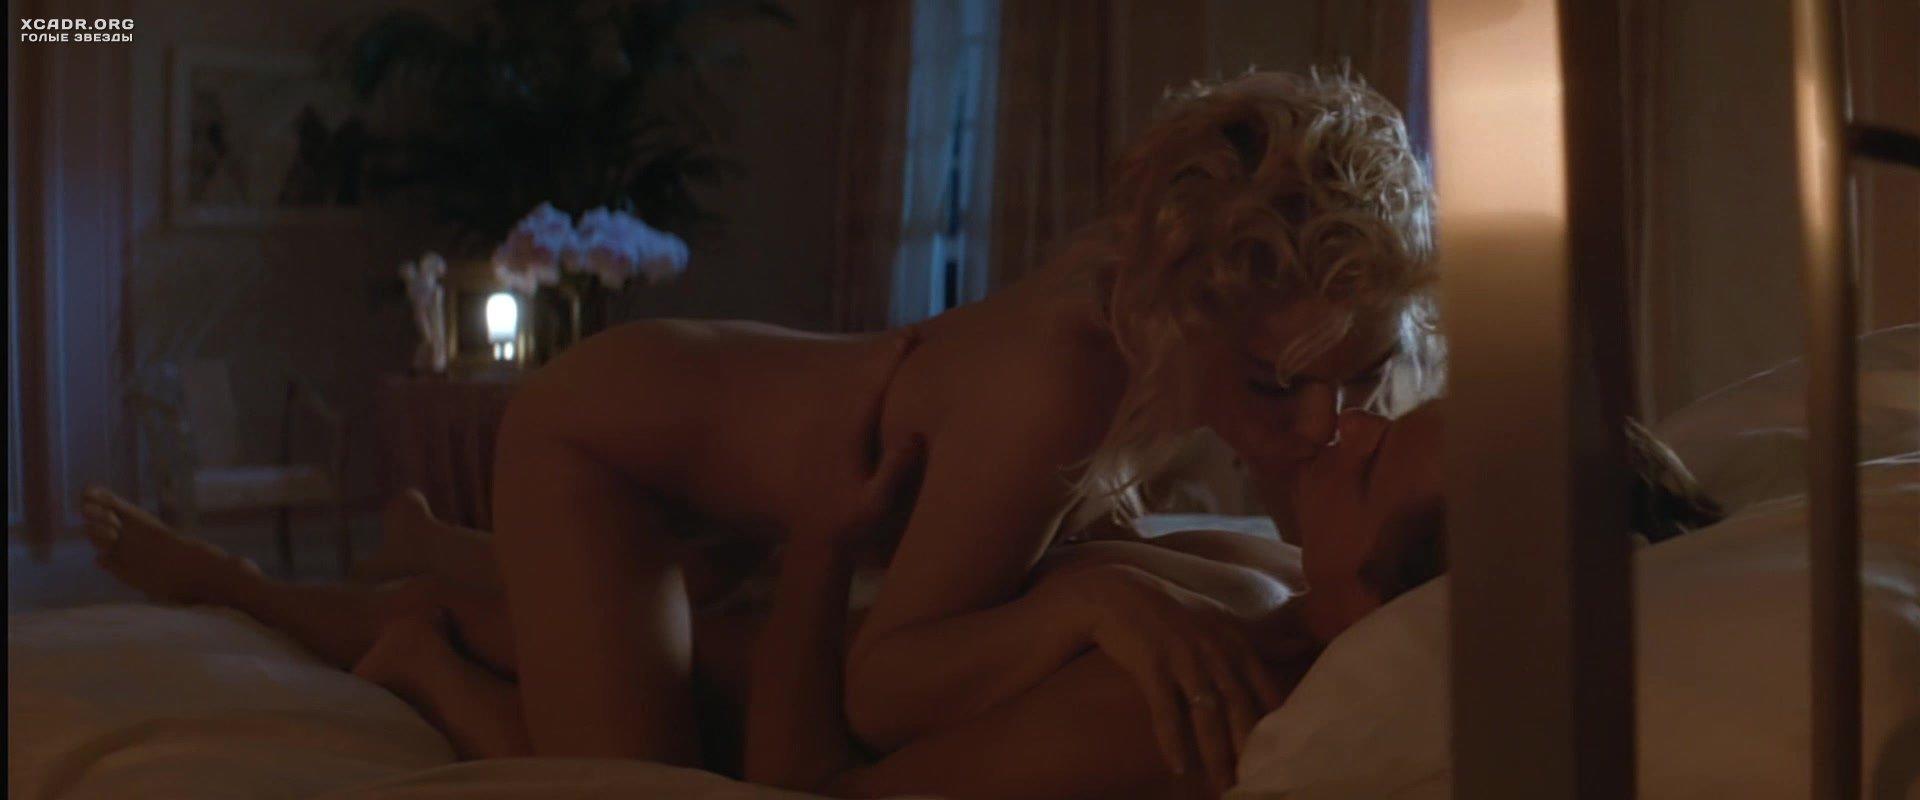 Секс основой инстинкт